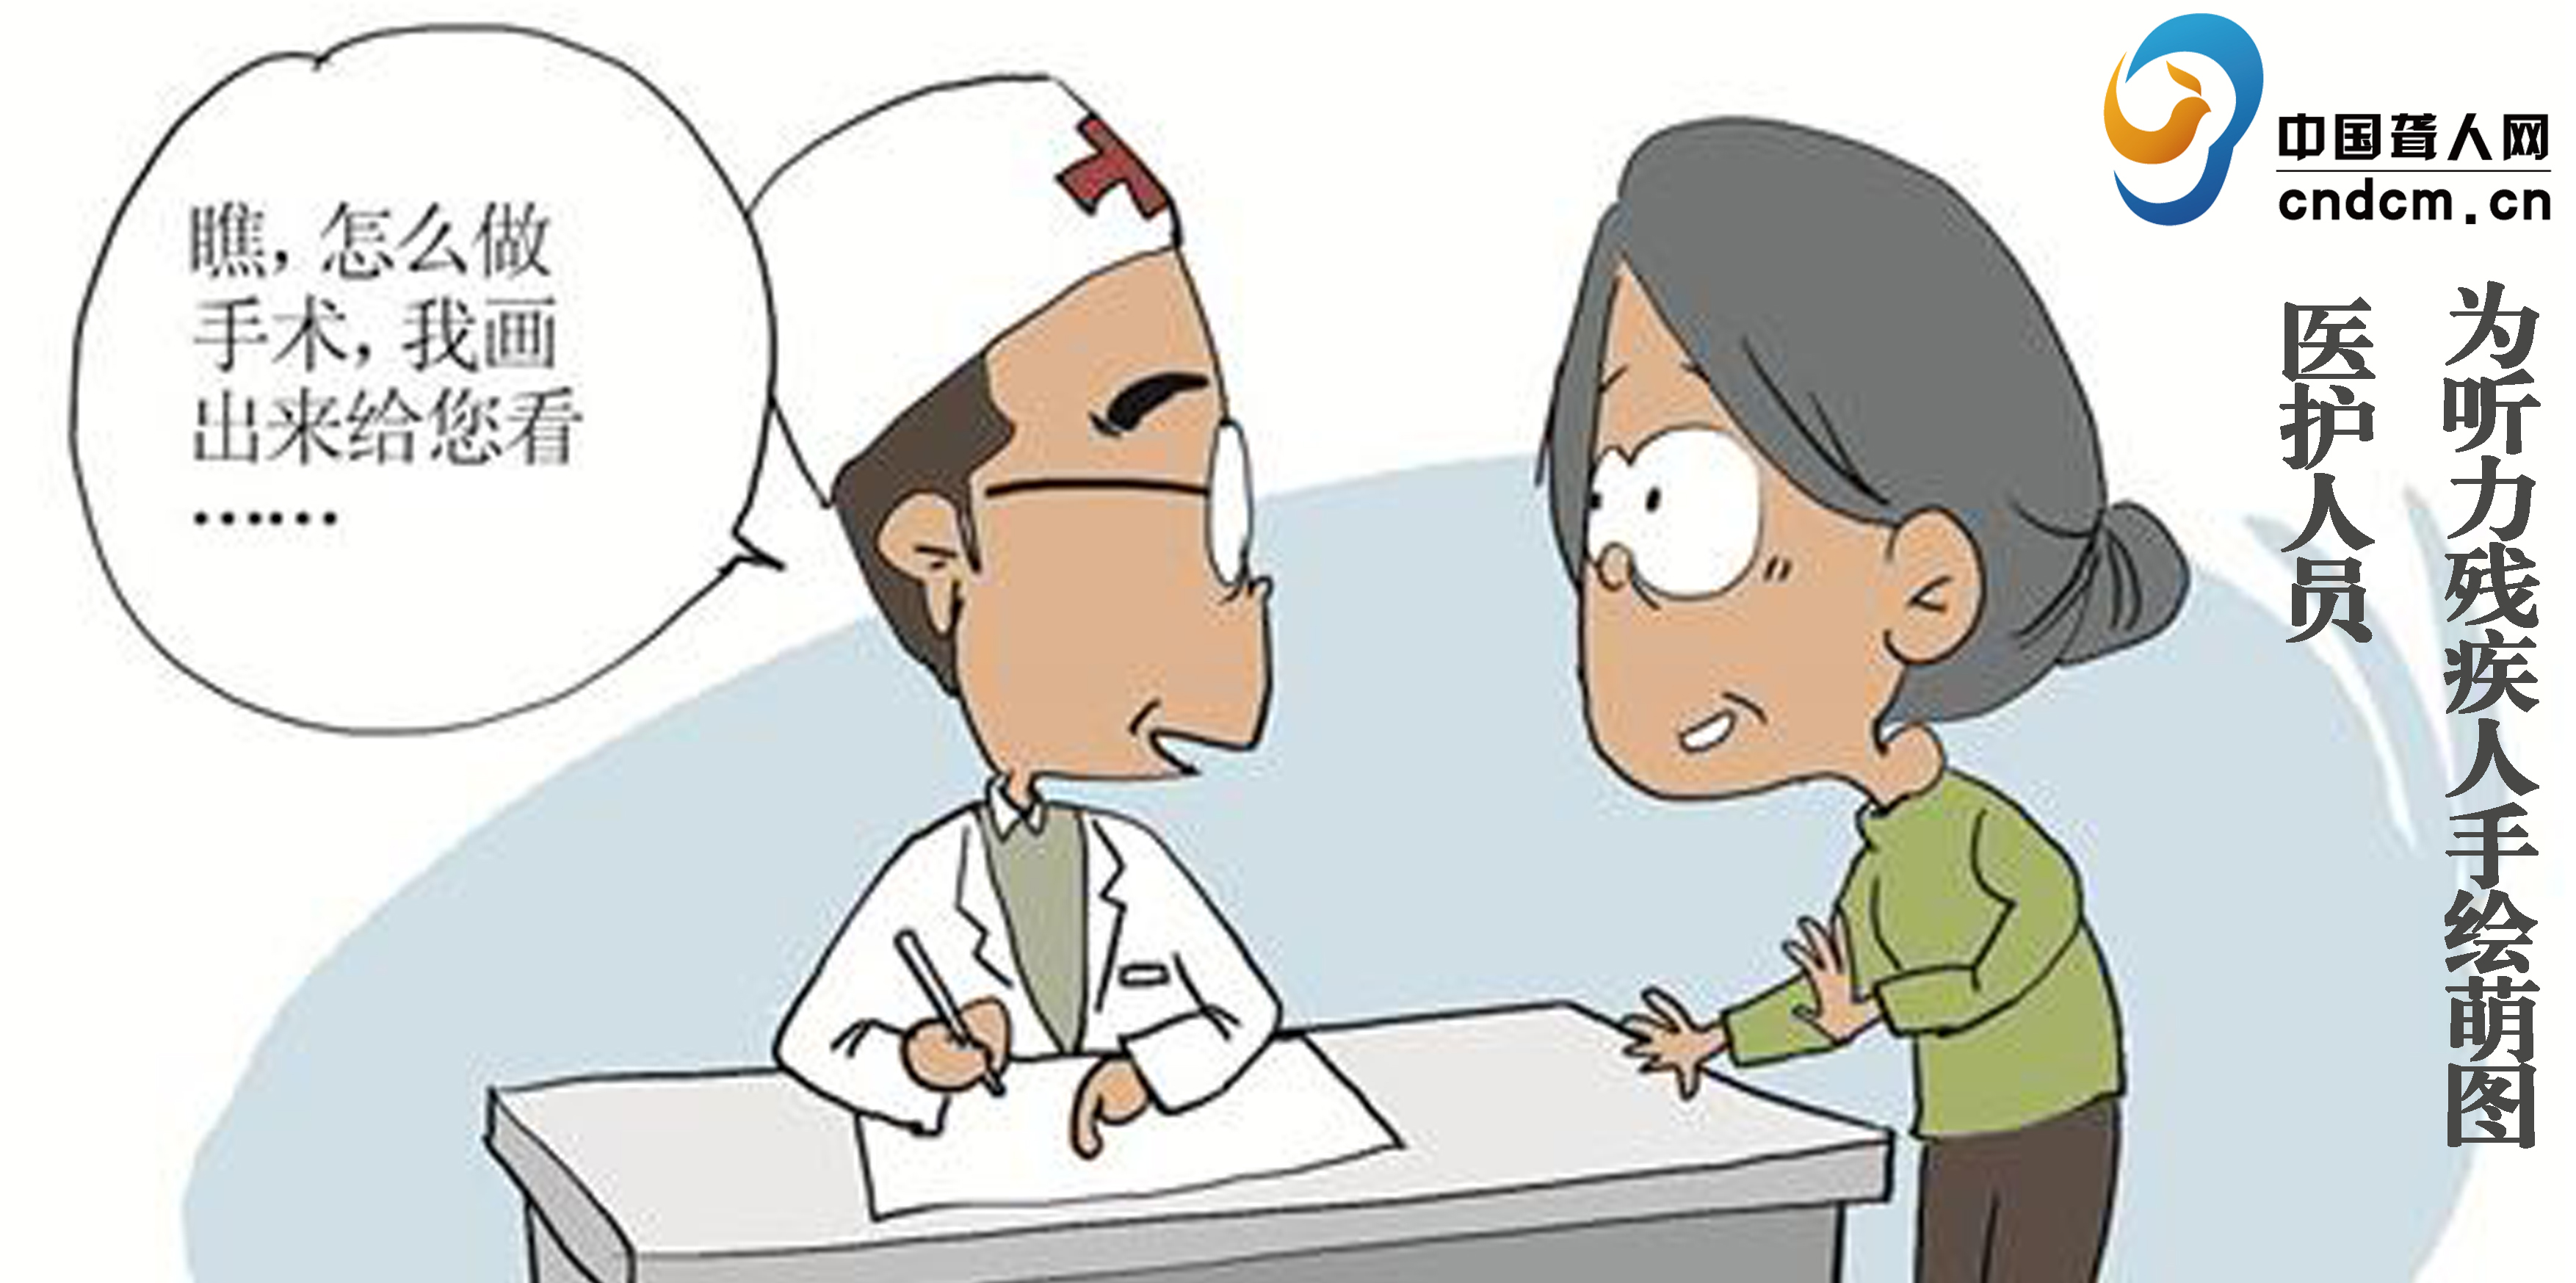 广外医院放射科医护人员为就医听力残疾人手绘萌图